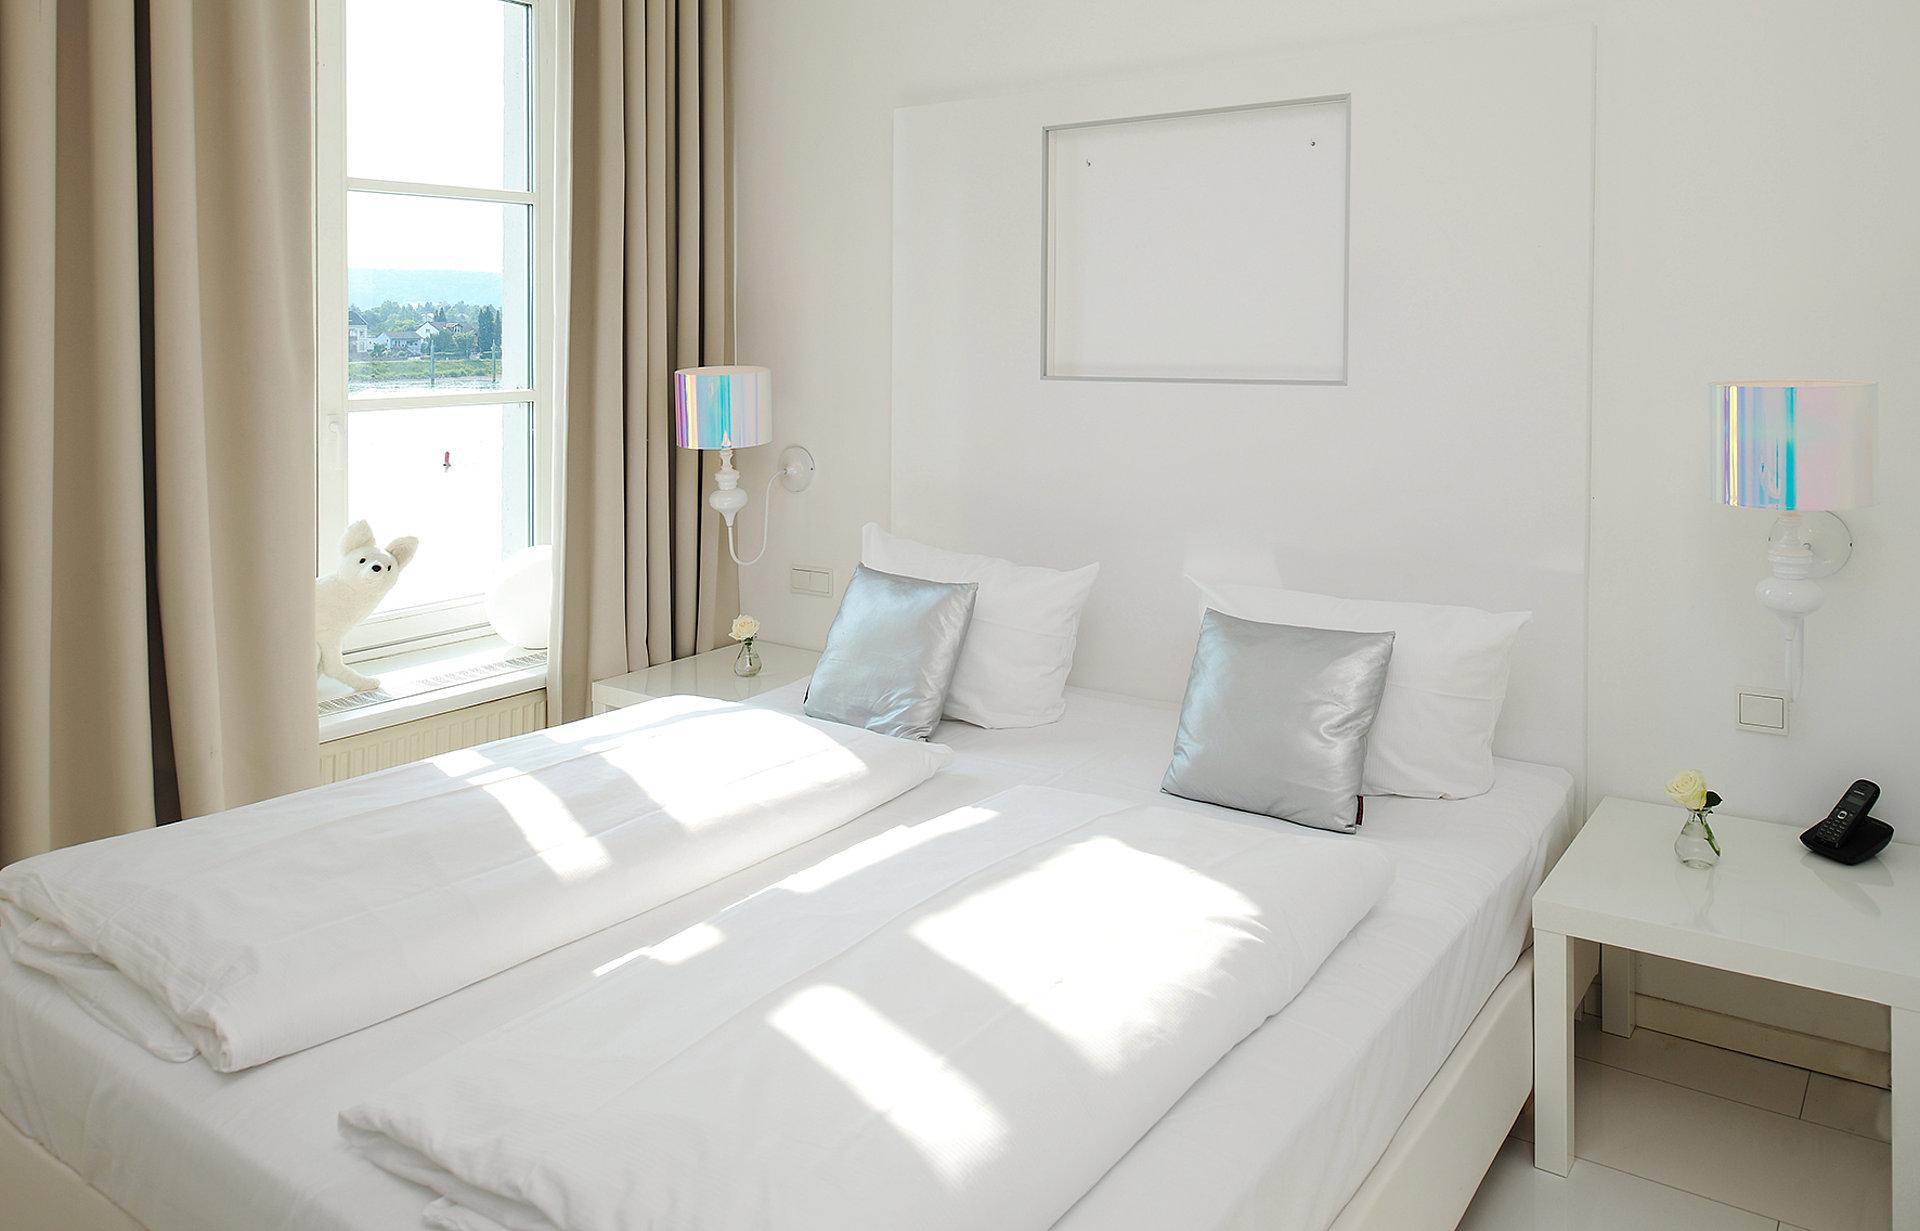 Helles, freundliches Hotelzimmer mit Blick auf den Rhein